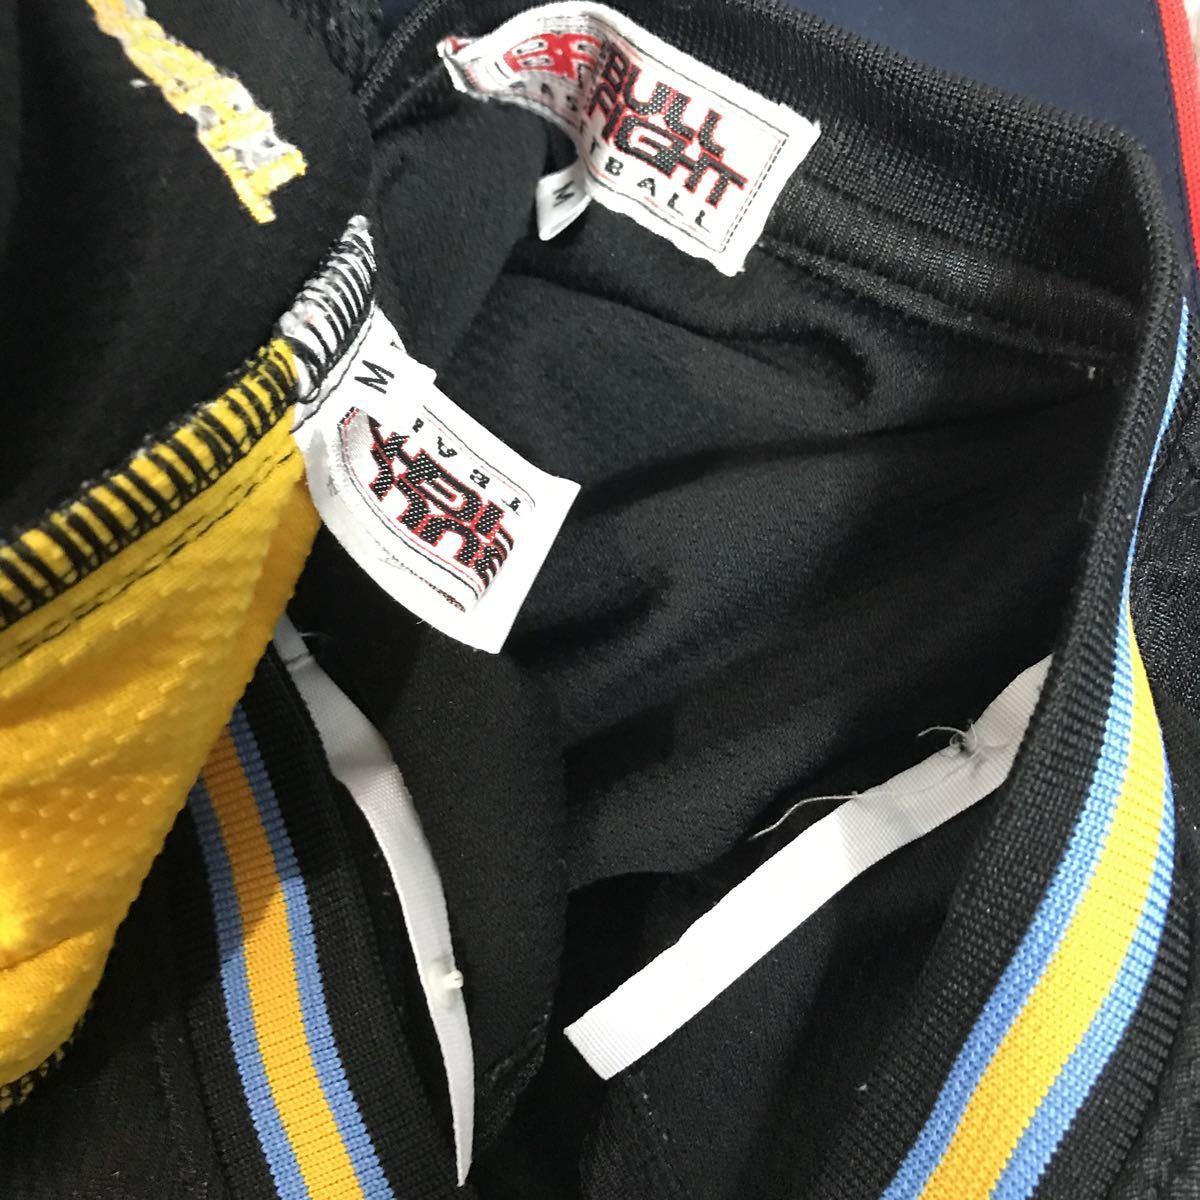 和田 女子バスケットボール部 ブルファイトbull fight #20 黒 ブラック バスケユニフォーム バスケットボール 上下セット Mサイズ_画像10